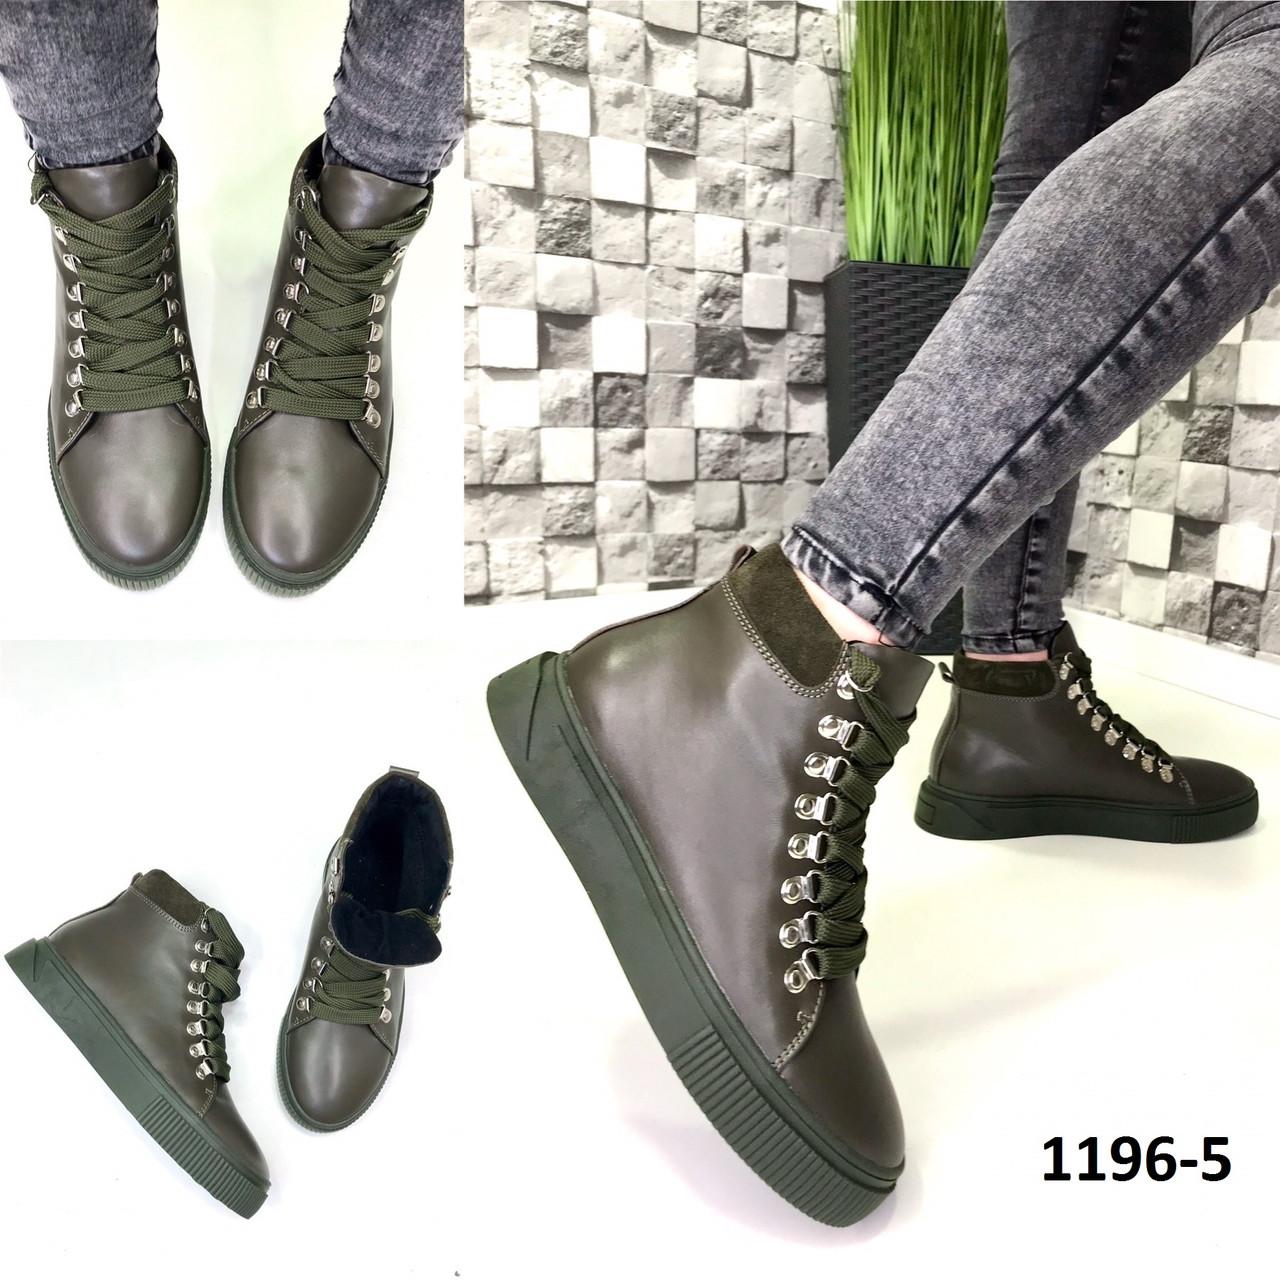 Кеды женские демисезонные кожаные хаки на шнурках